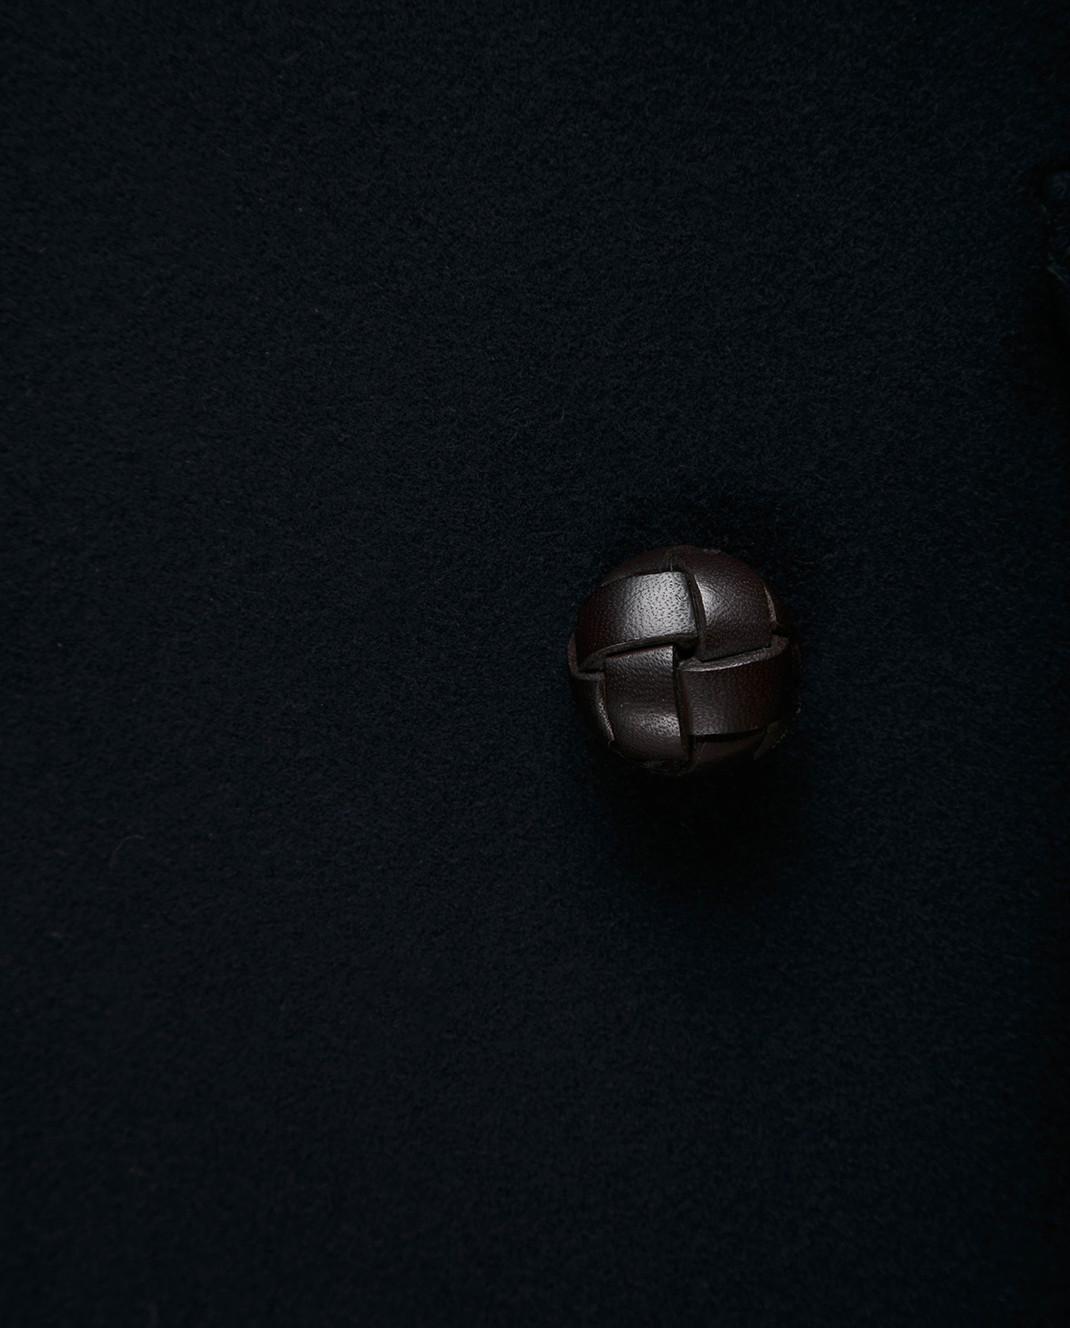 Gucci Темно-синее пальто из шерсти и кашемира 523628 изображение 5